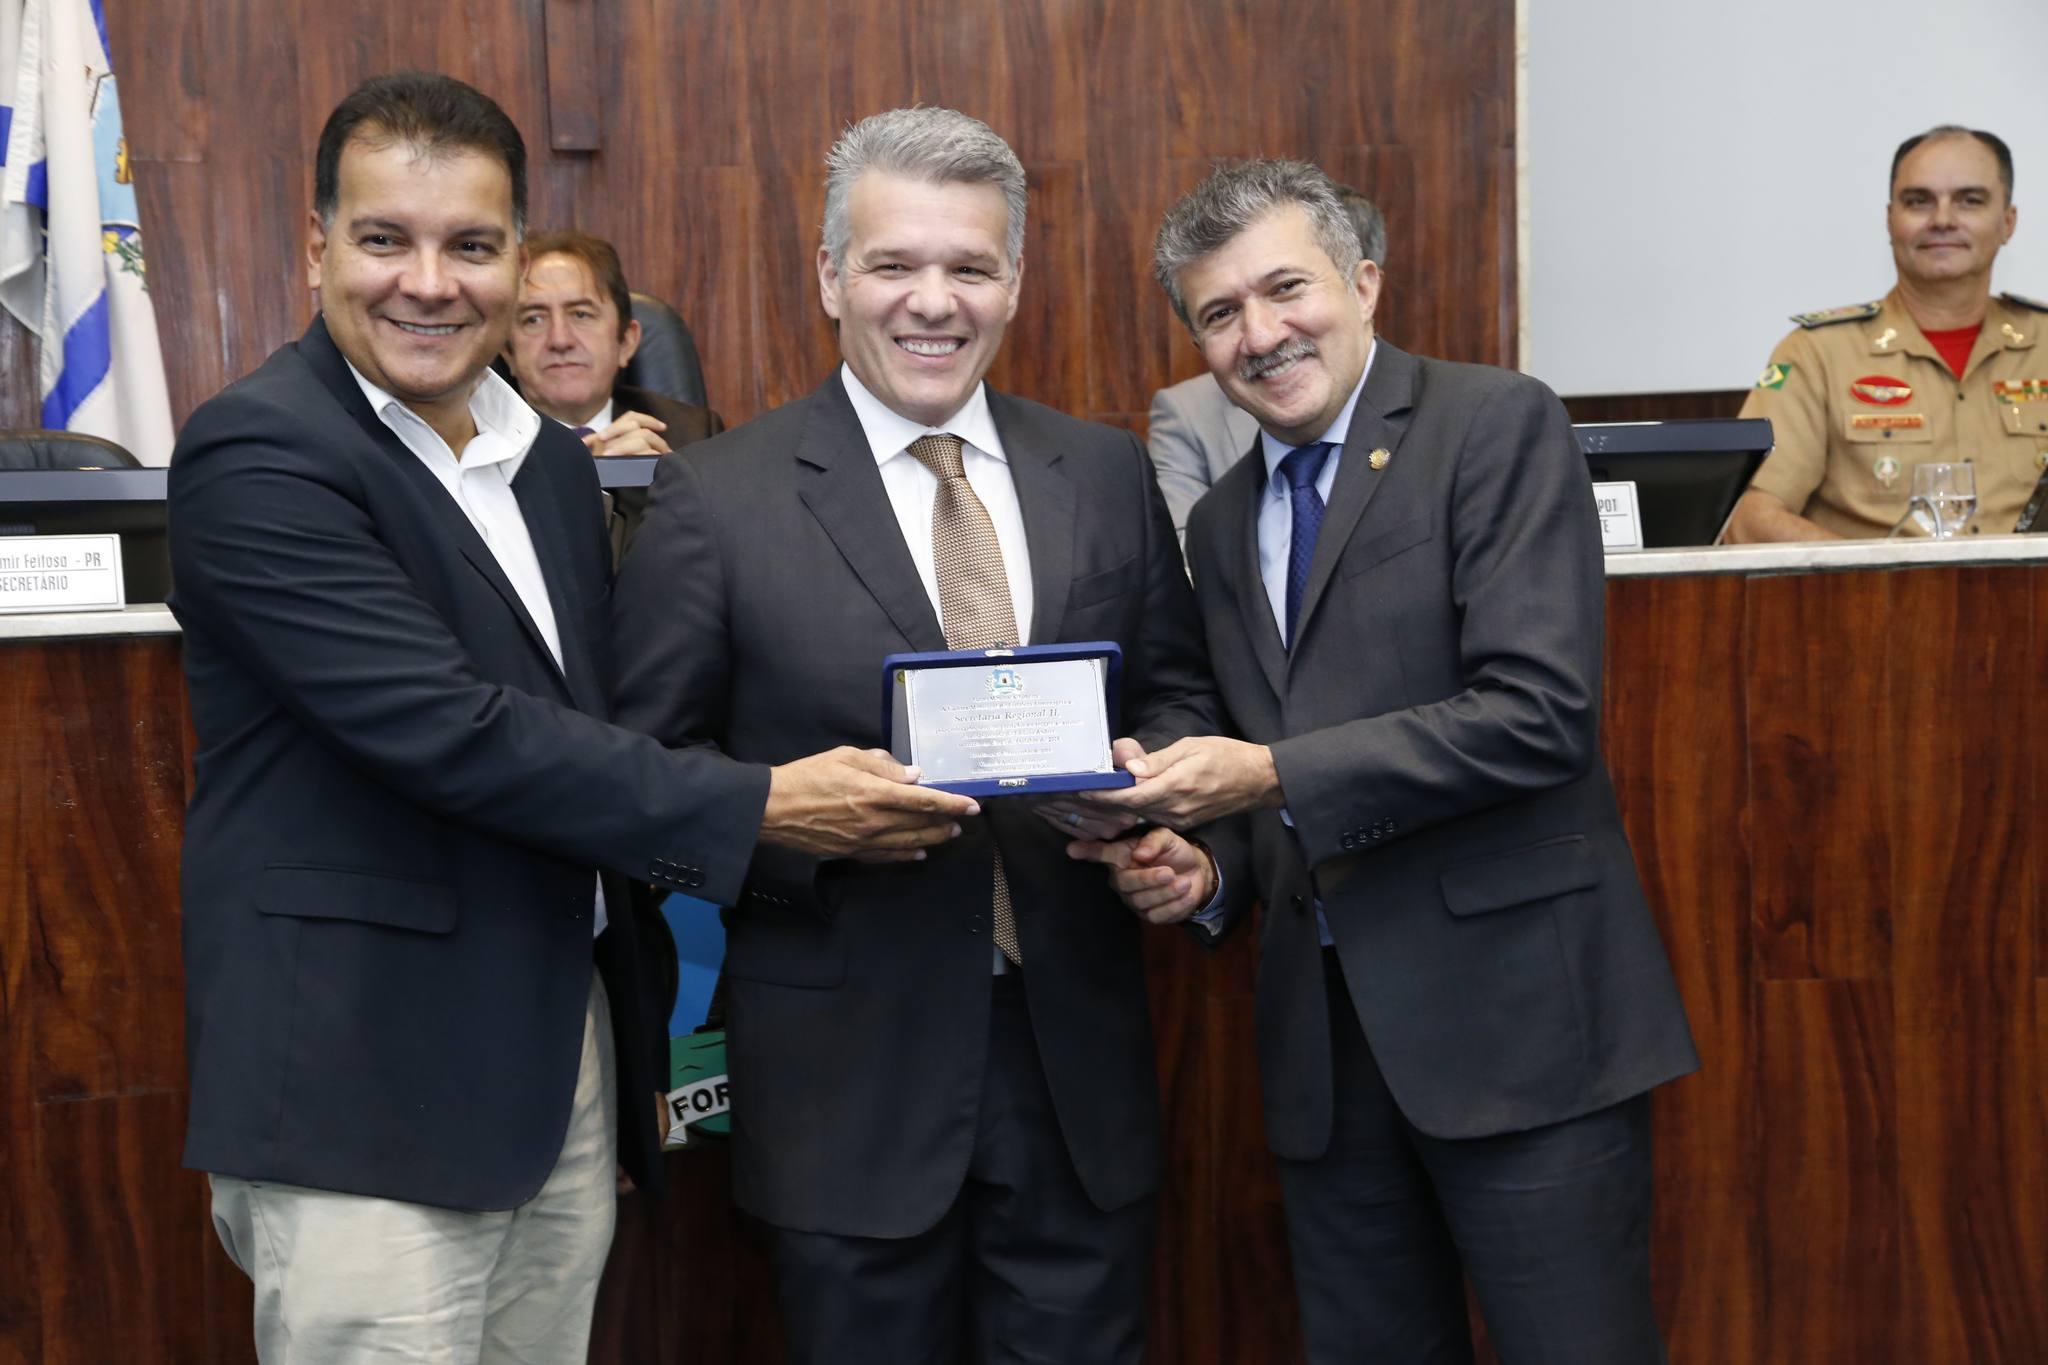 Antônio Henrique ganha protagonismo no cenário político pré-2020